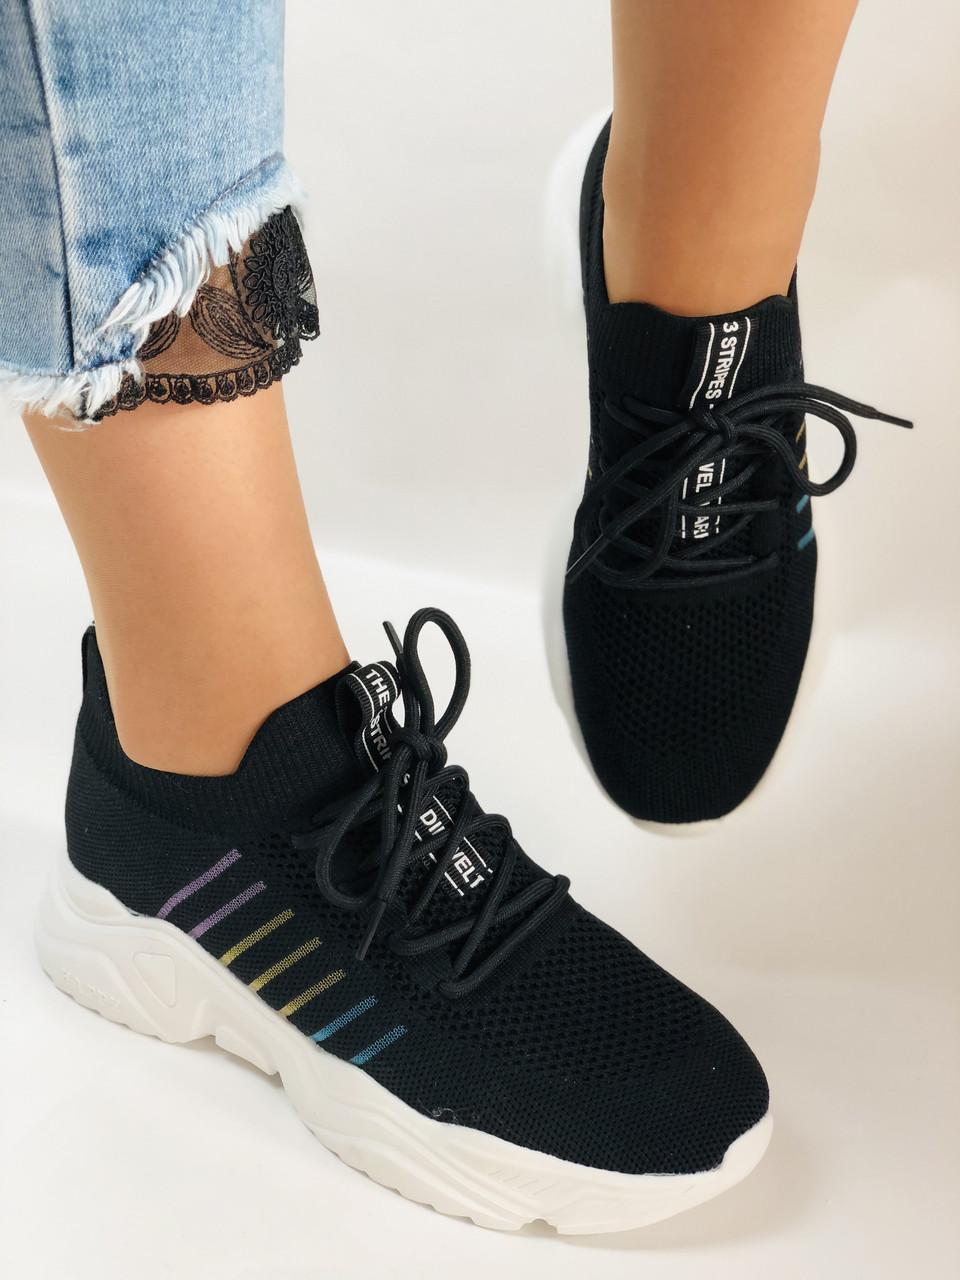 Летние женские кеды-кроссовки черные. Вязанный текстиль с сеткой. Размер 36.37.38.39.